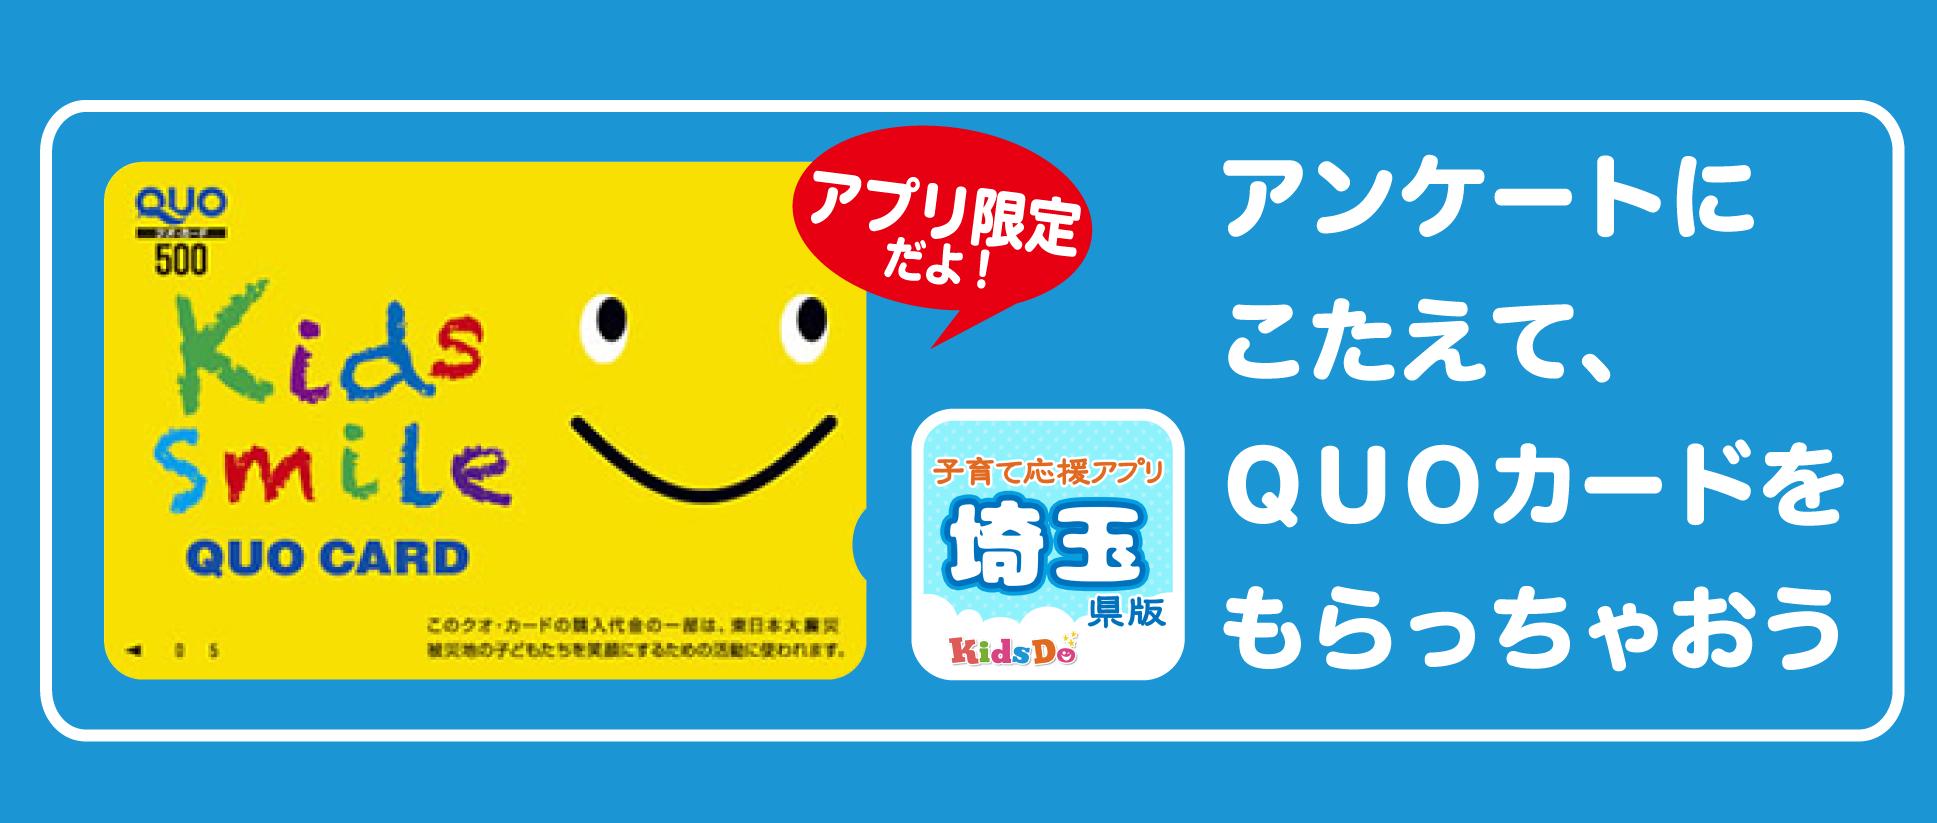 KidsDo(キッズドゥ)埼玉県版アプリ限定キャンペーン